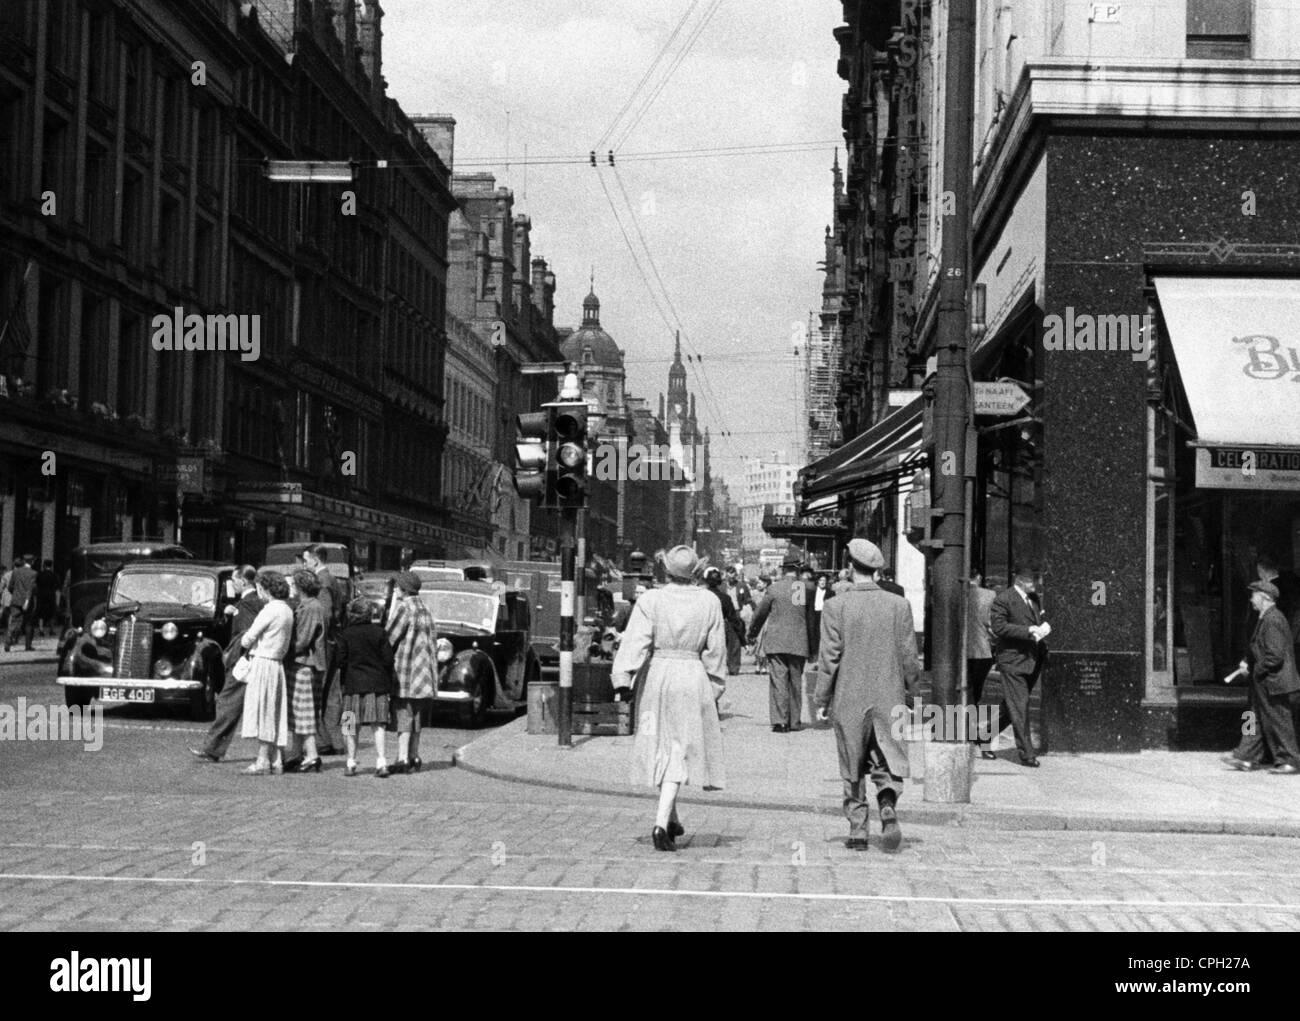 Géographie / voyages, Grande-Bretagne, Glasgow, scènes de rue, Buchanan Street 40, vers 1950, 1940, 1950, Photo Stock